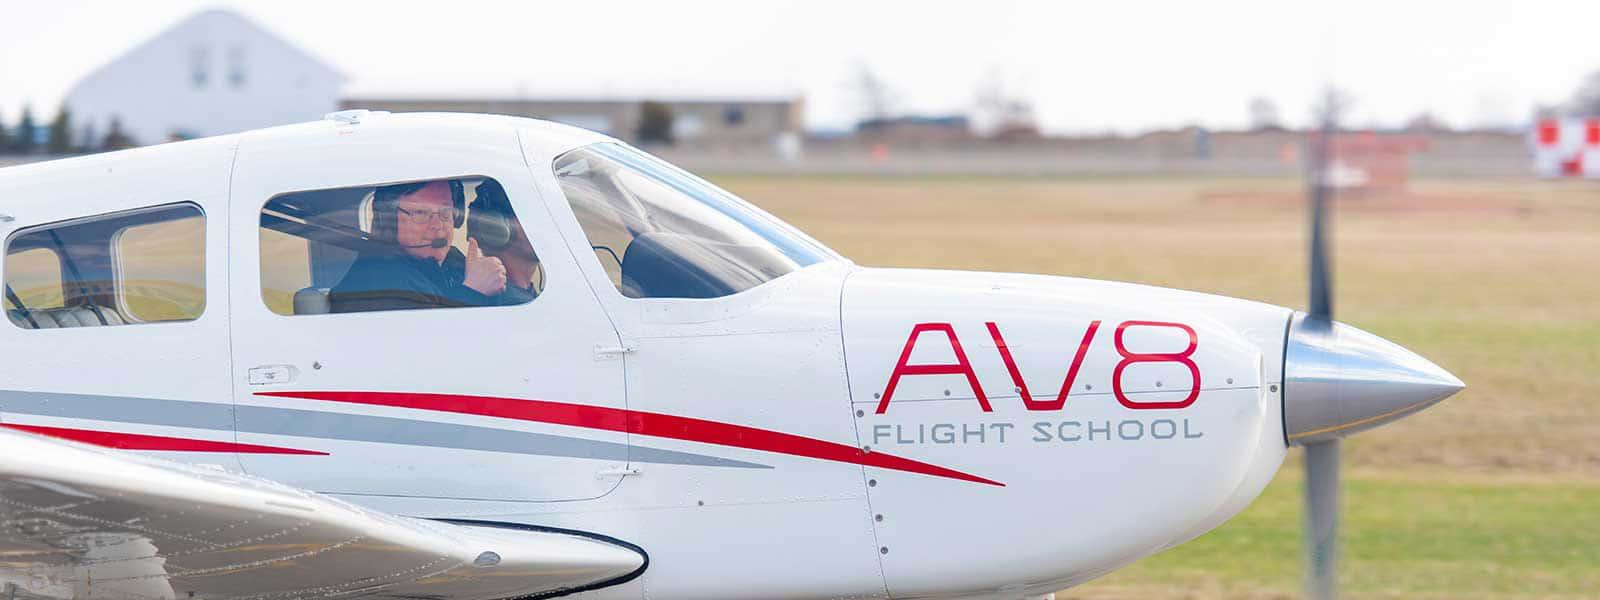 AV8 aircraft